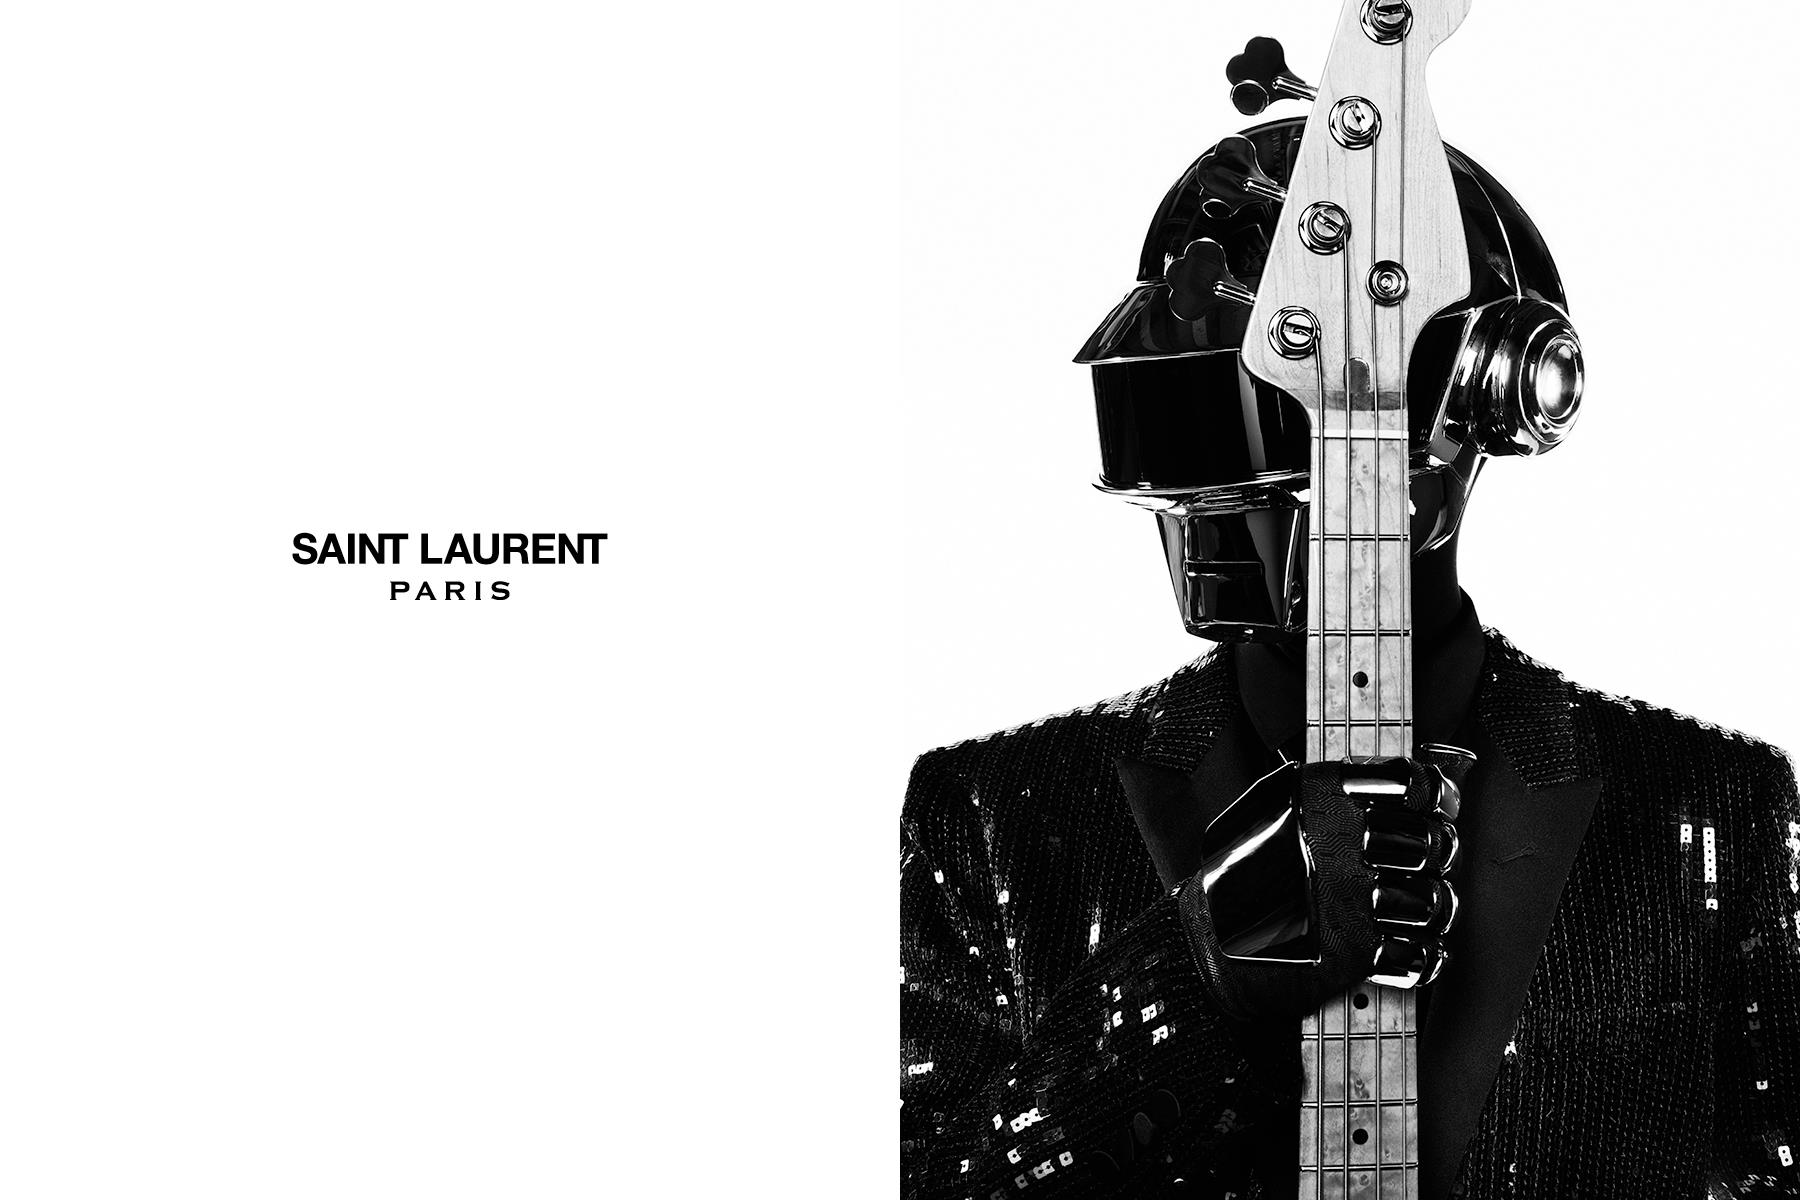 Daft Punk Karlie Kloss dubstep dub electro guitar t wallpaper ...